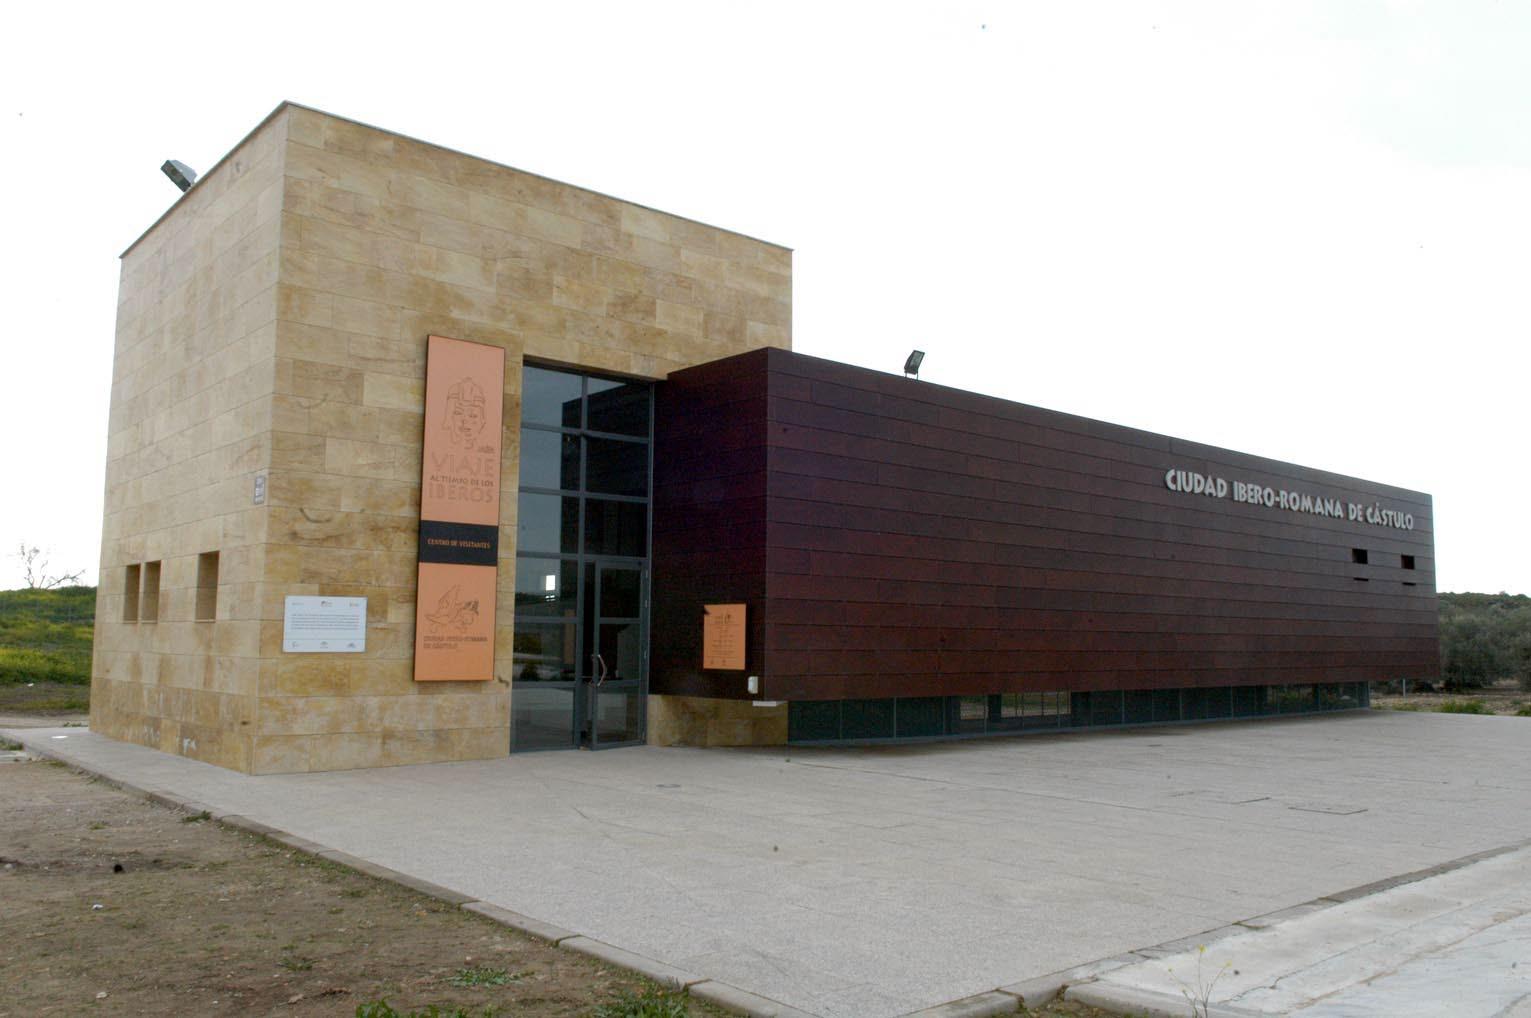 Centro de Interpretación de Cástulo